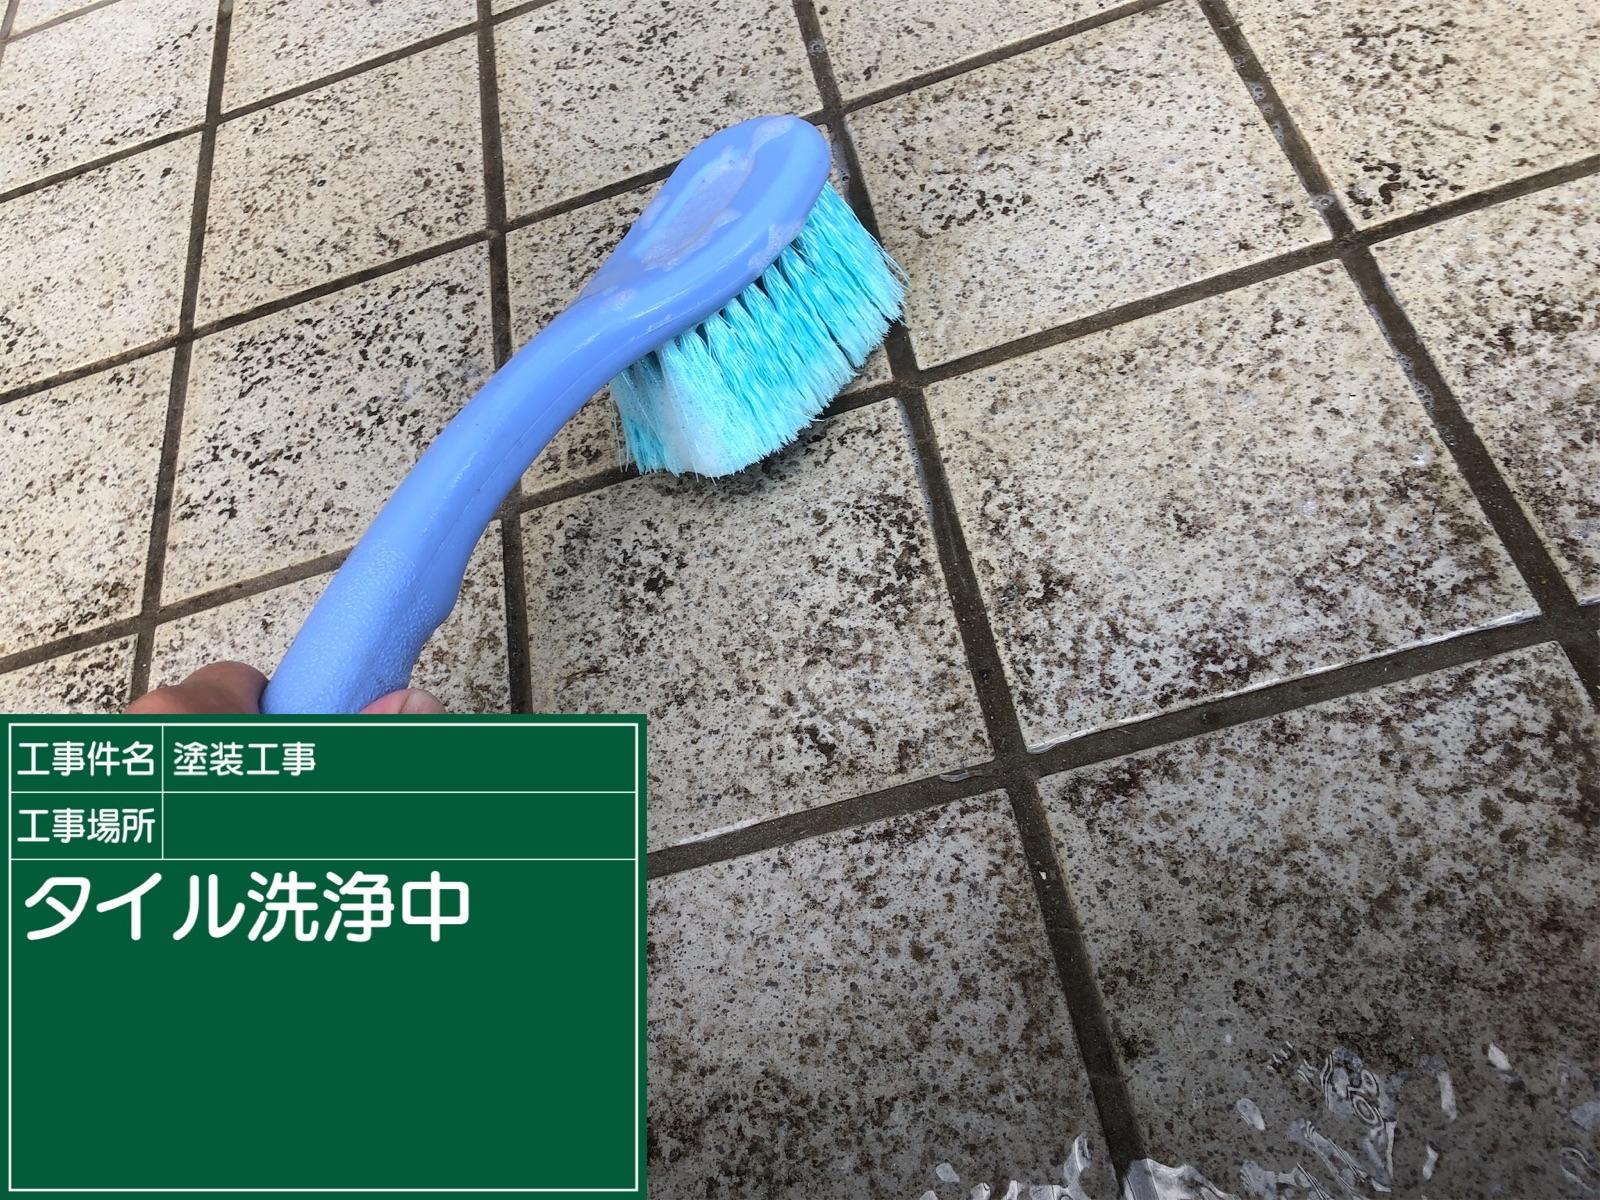 洗浄中タイル300009